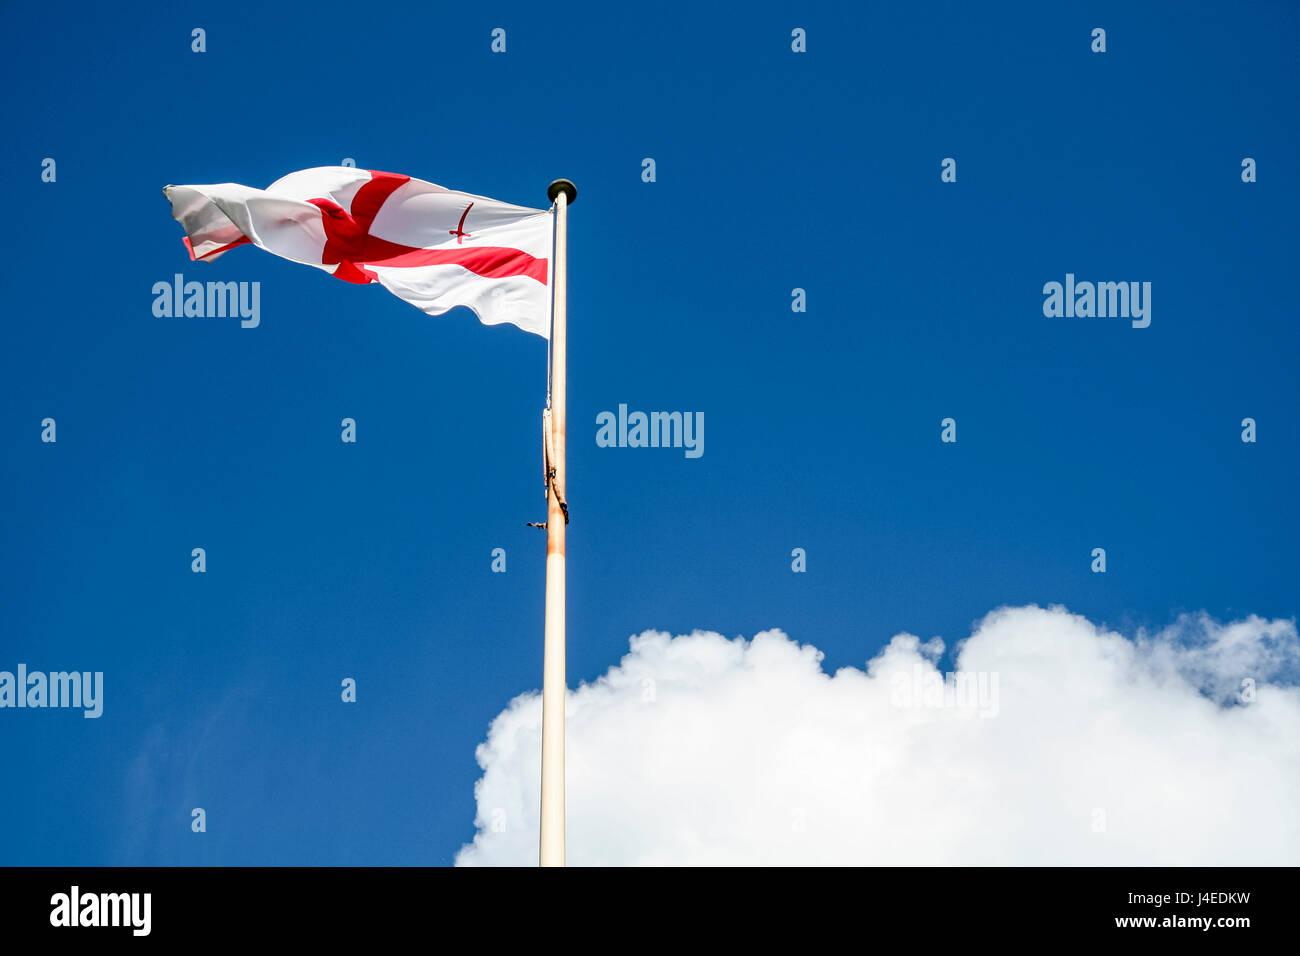 Bandiera Della Città Di Londra Centrato Una Croce Rossa Su Sfondo